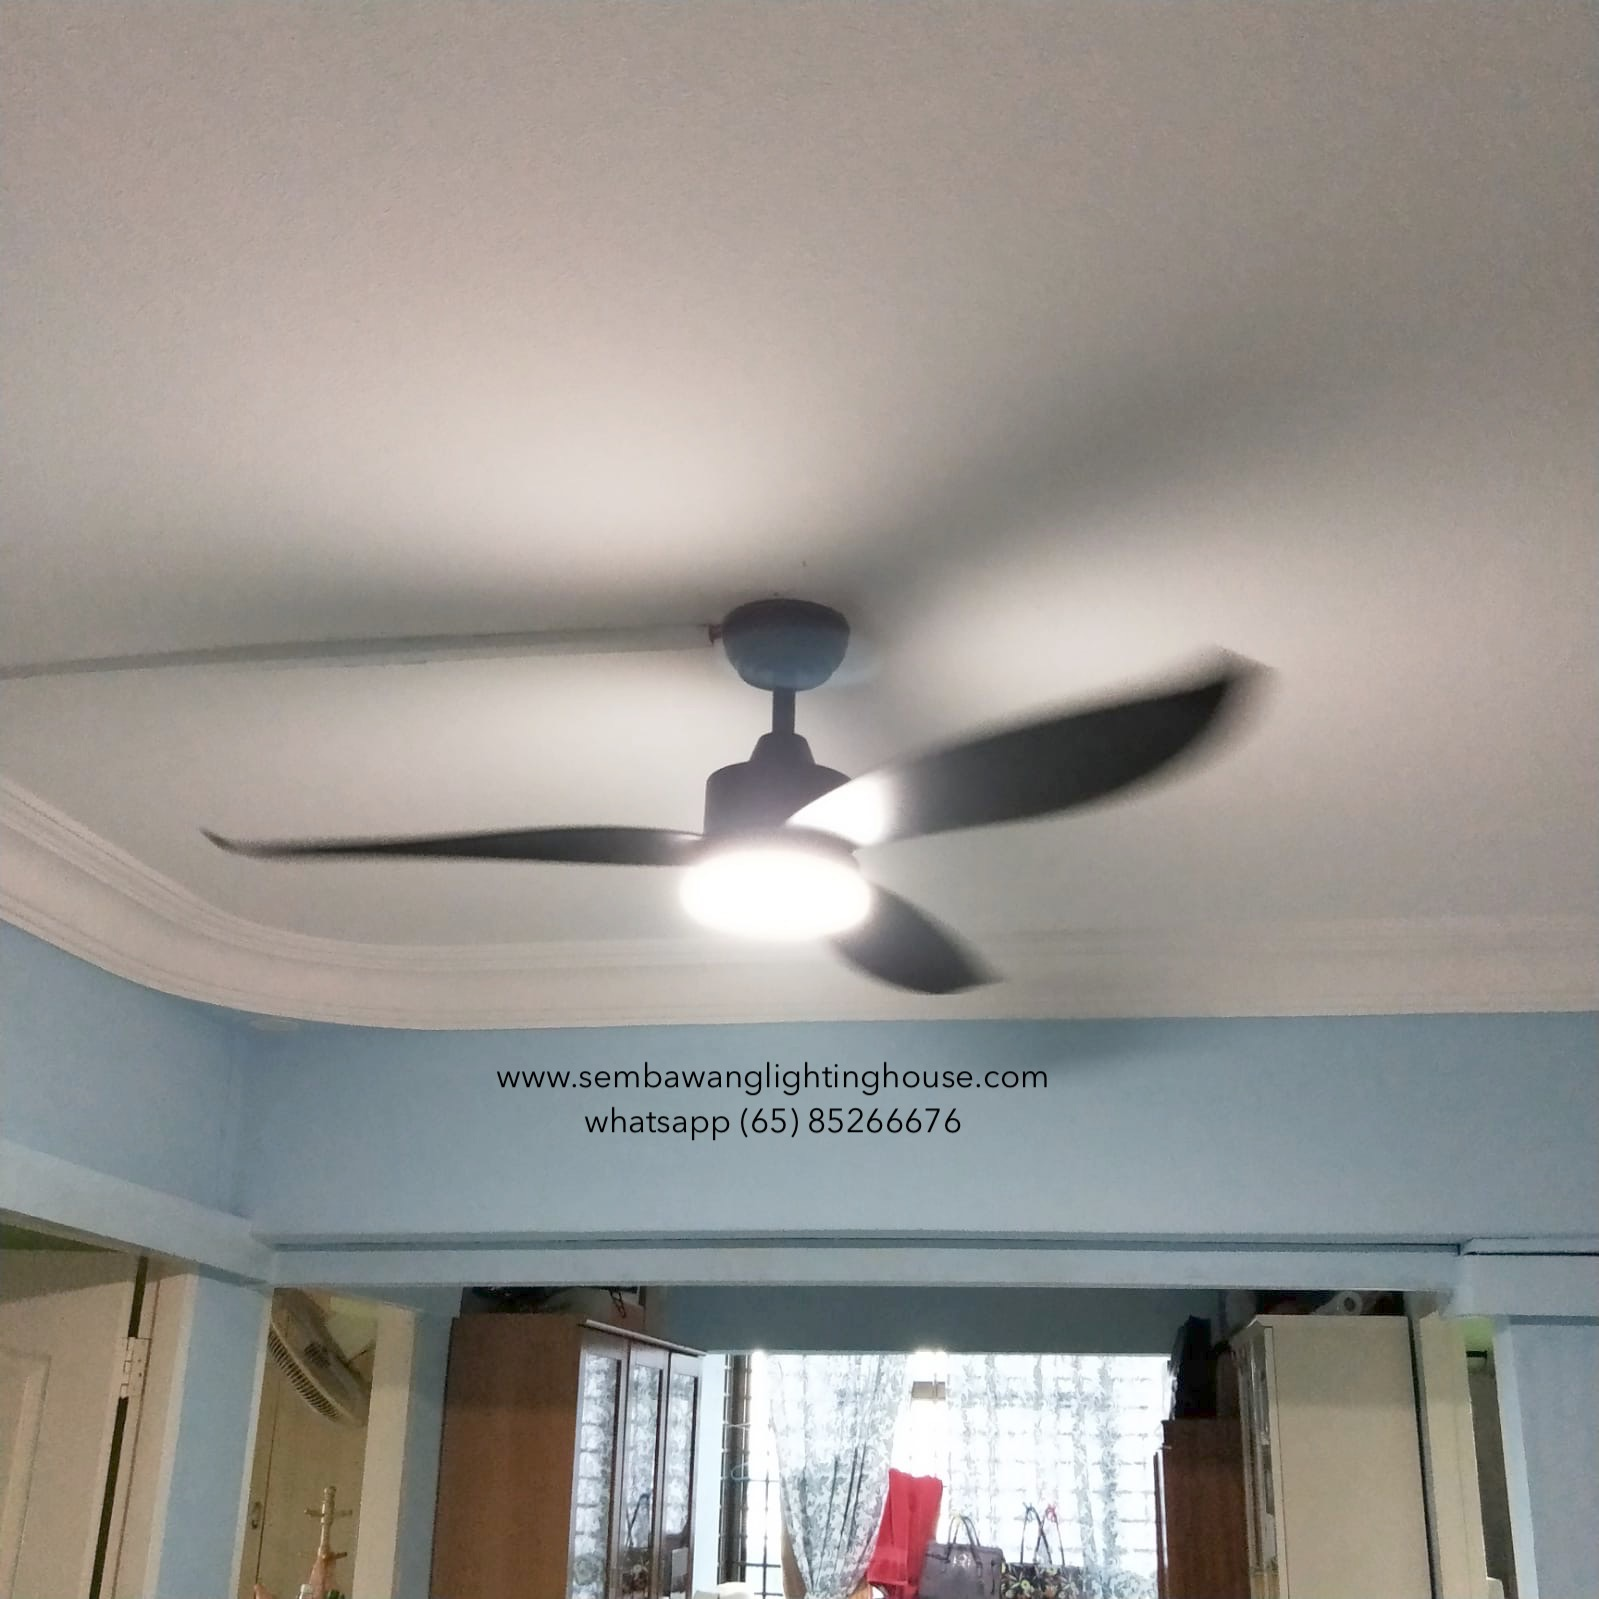 bestar-razor-black-ceiling-fan-sample-sembawang-lighting-house-03.jpg